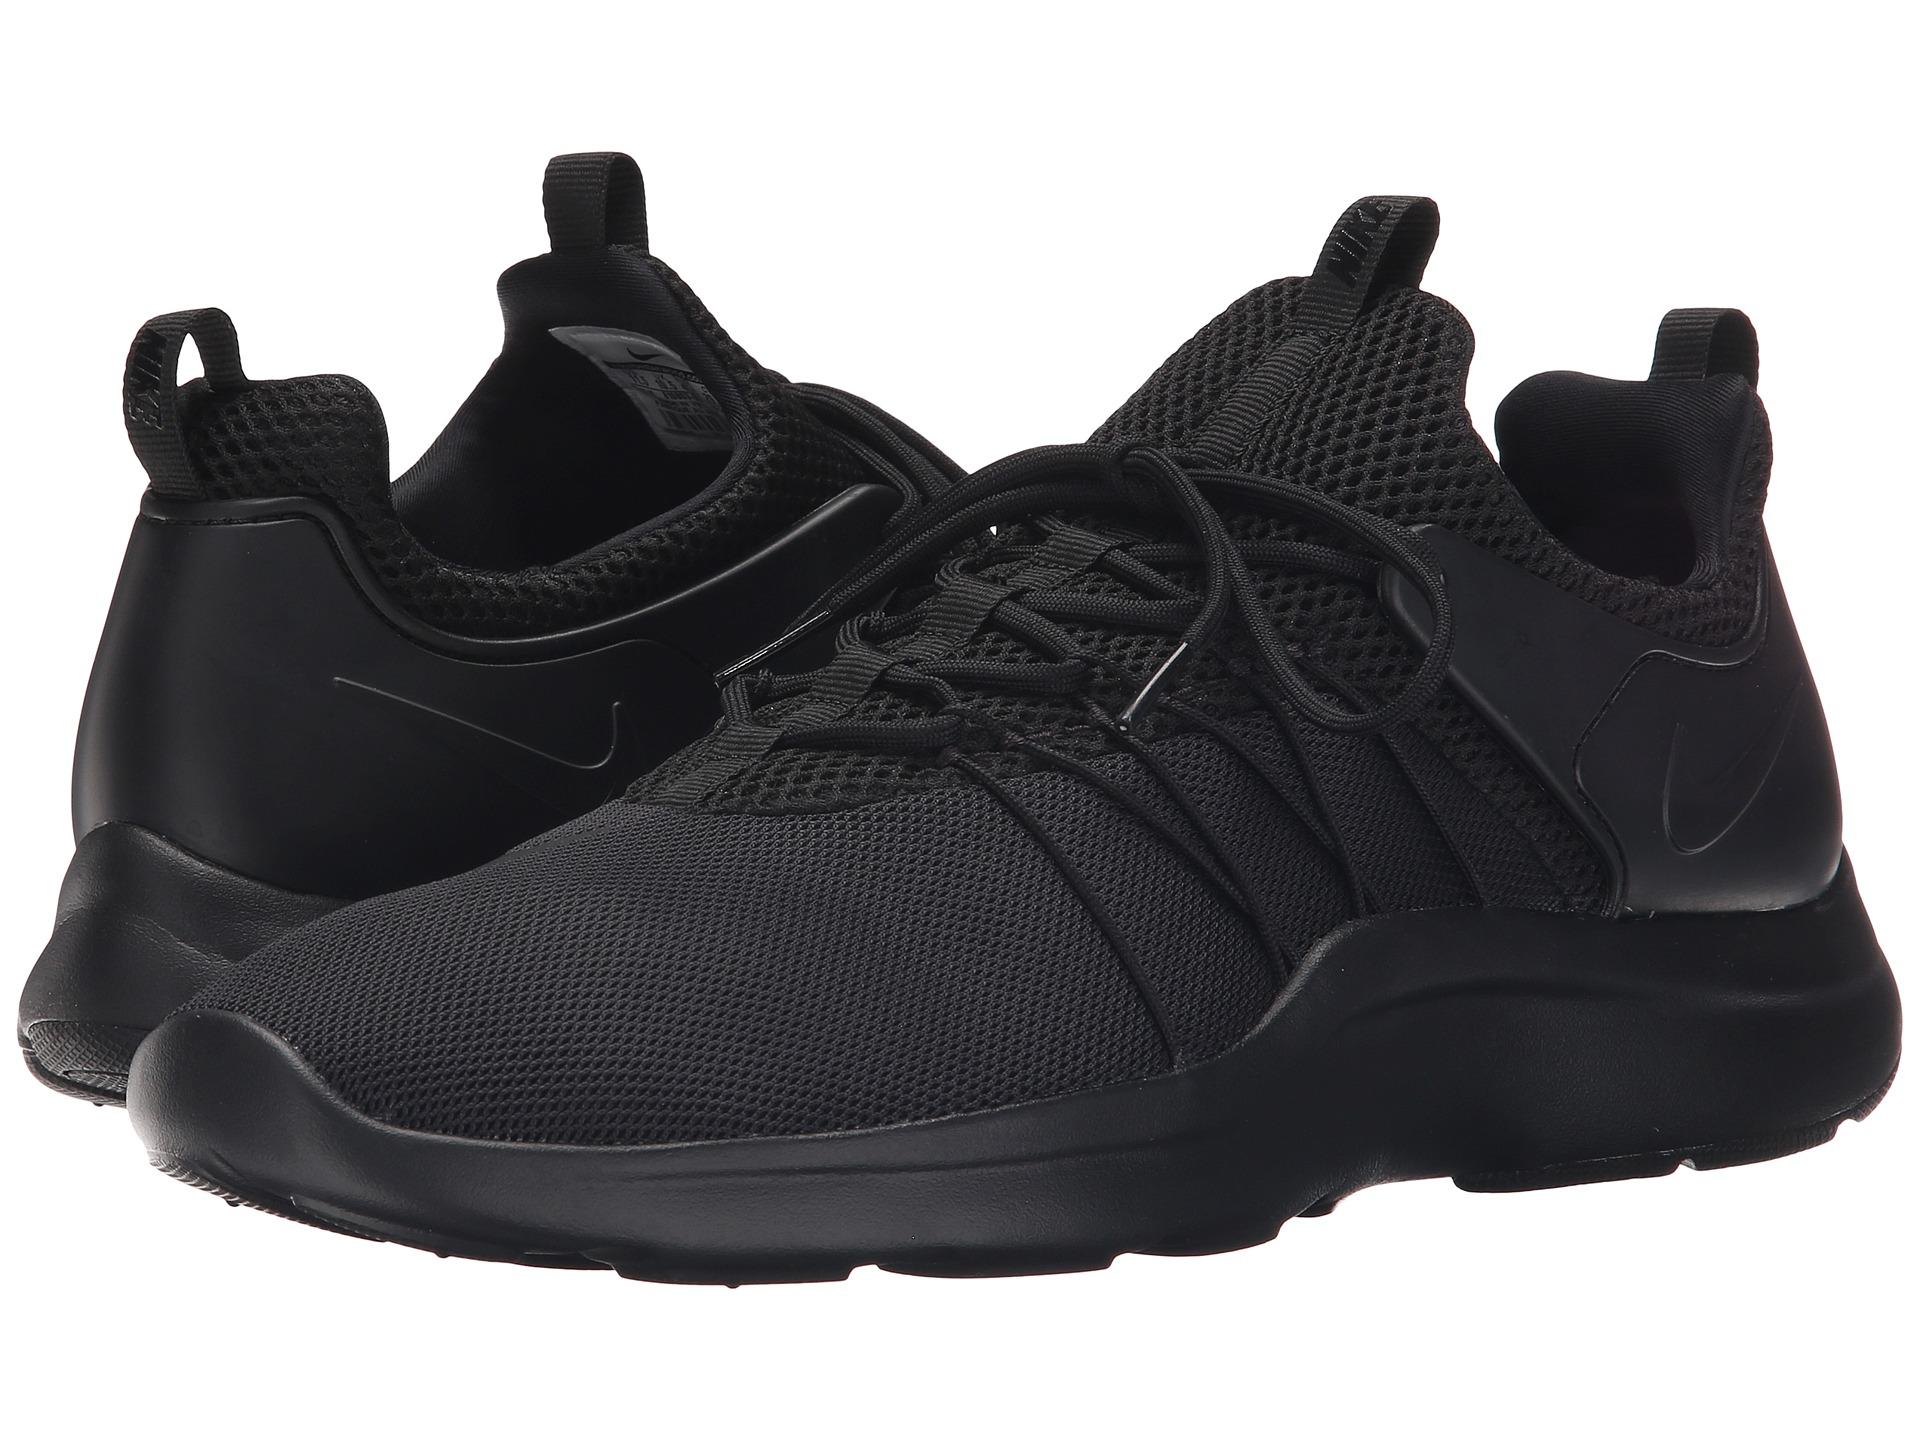 Nike Darwin BlackBlackBlack Zapposcom Free Shipping BOTH Ways